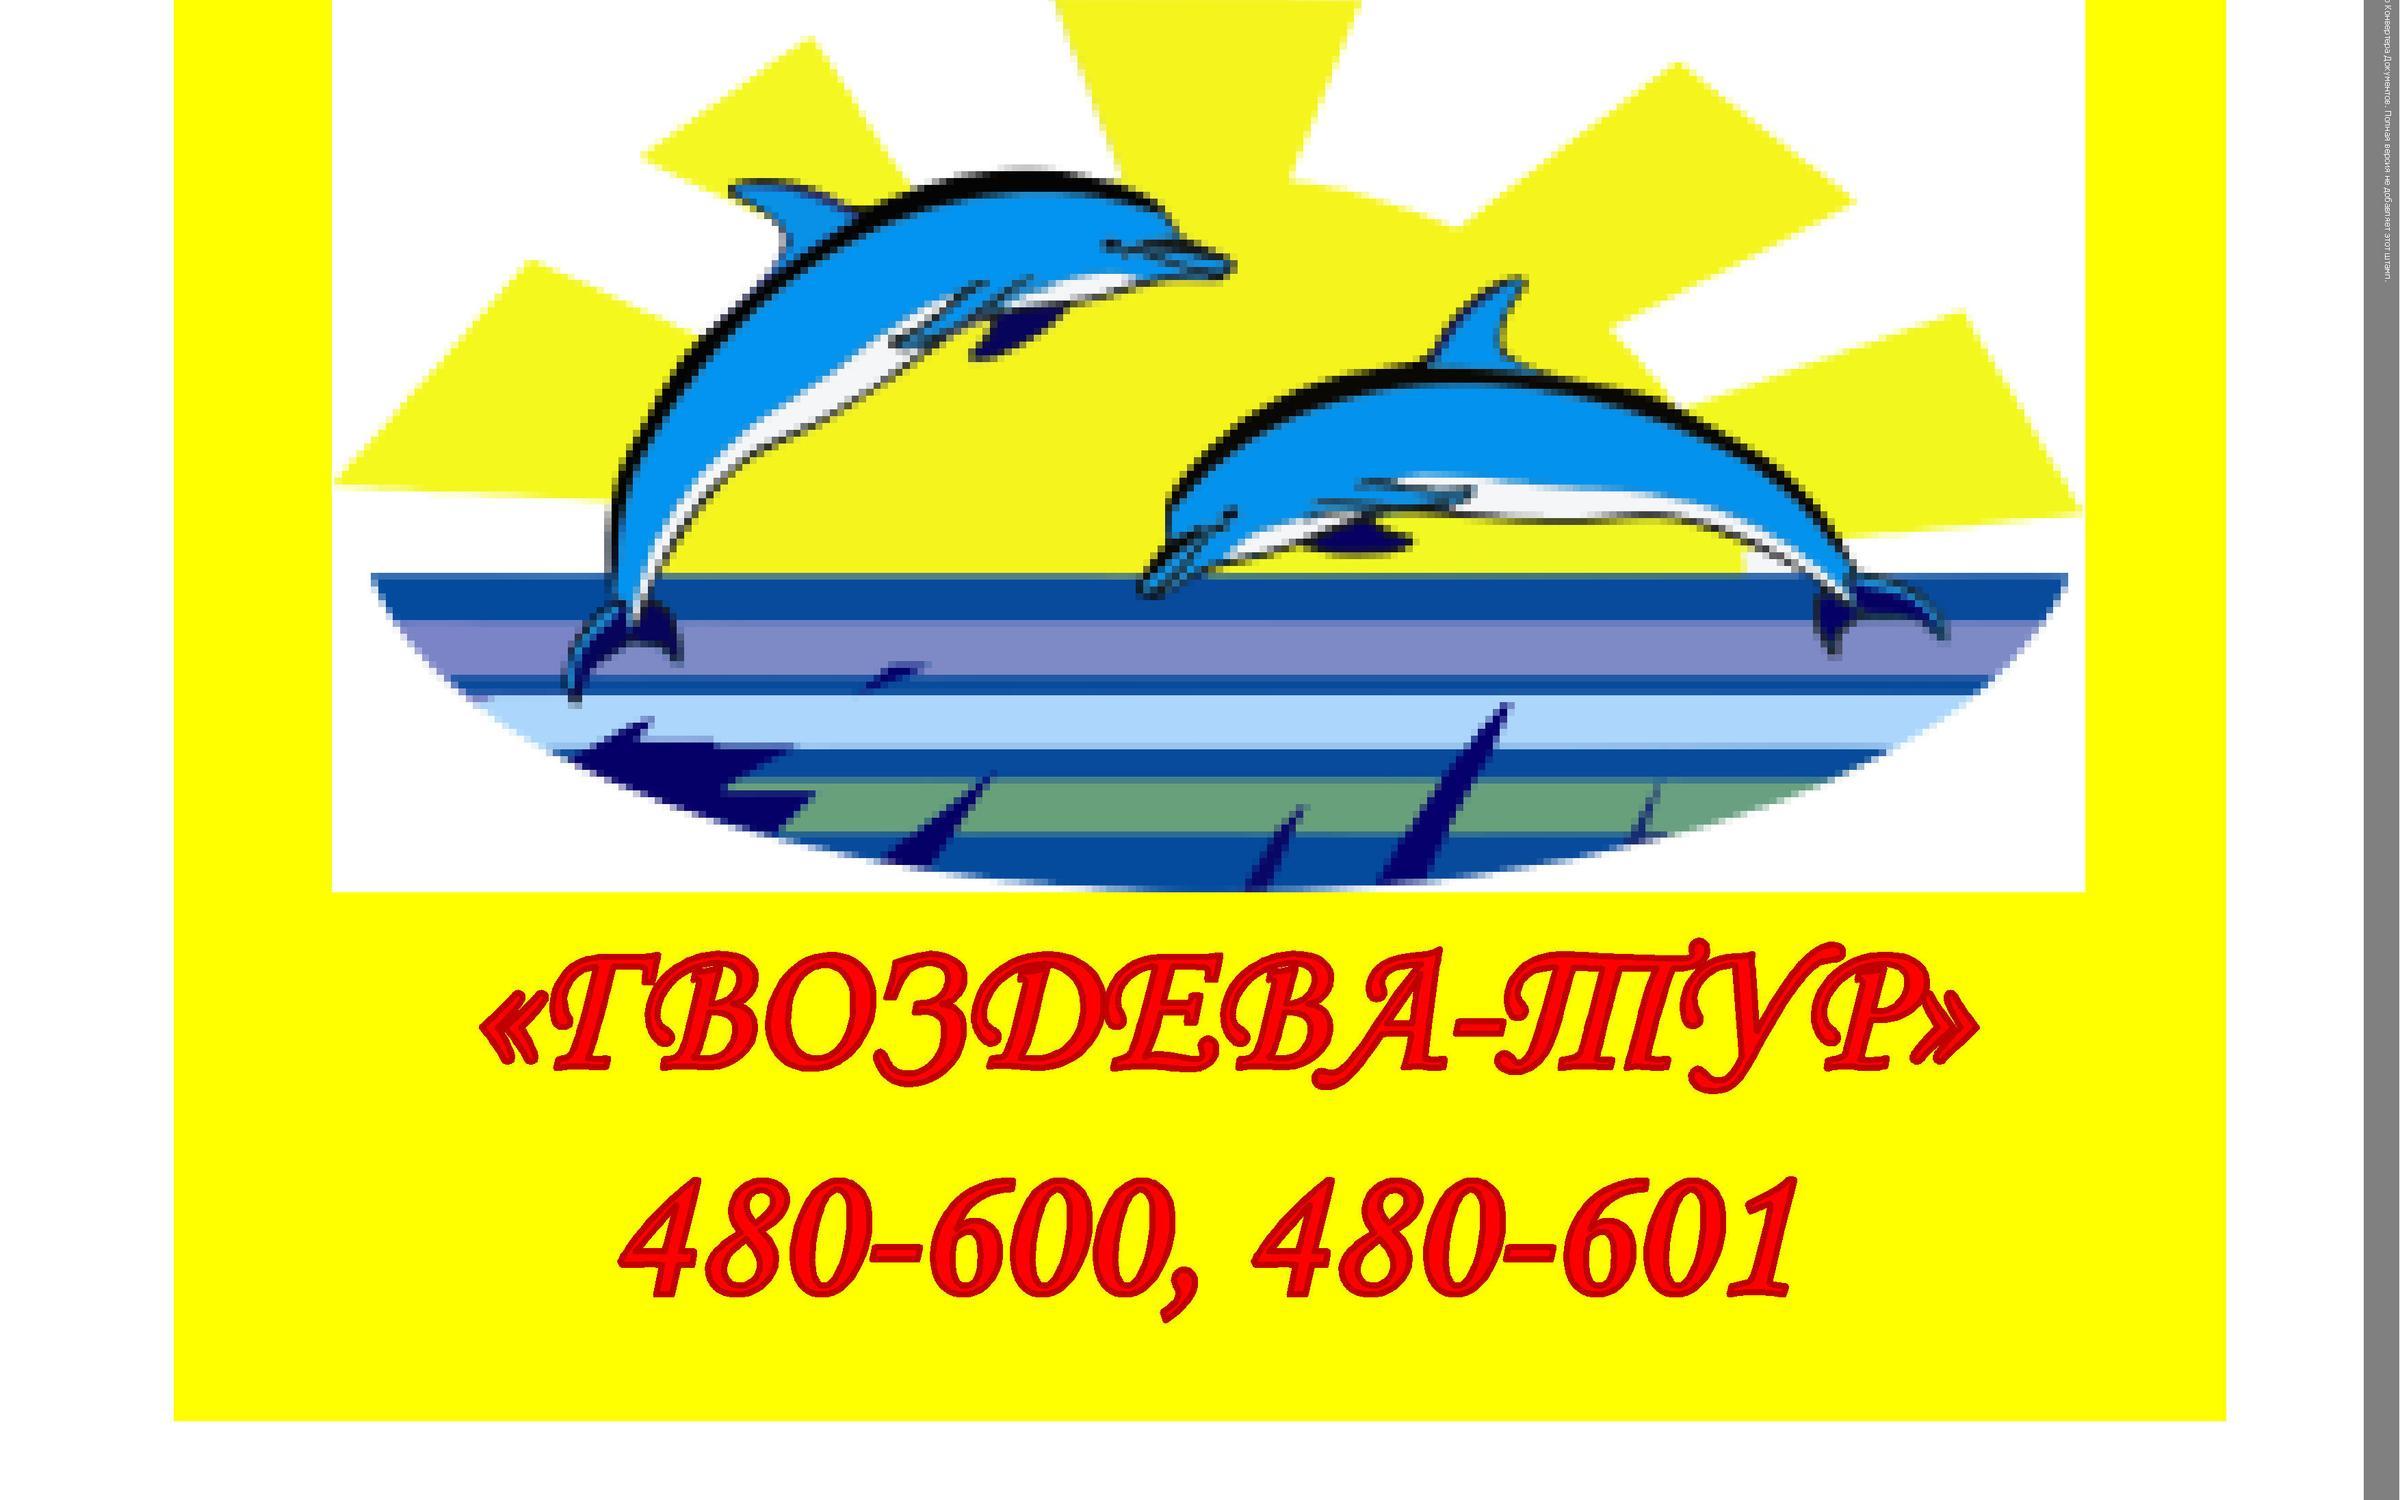 фотография Туристического агентства Гвоздева-Тур на Красной набережной